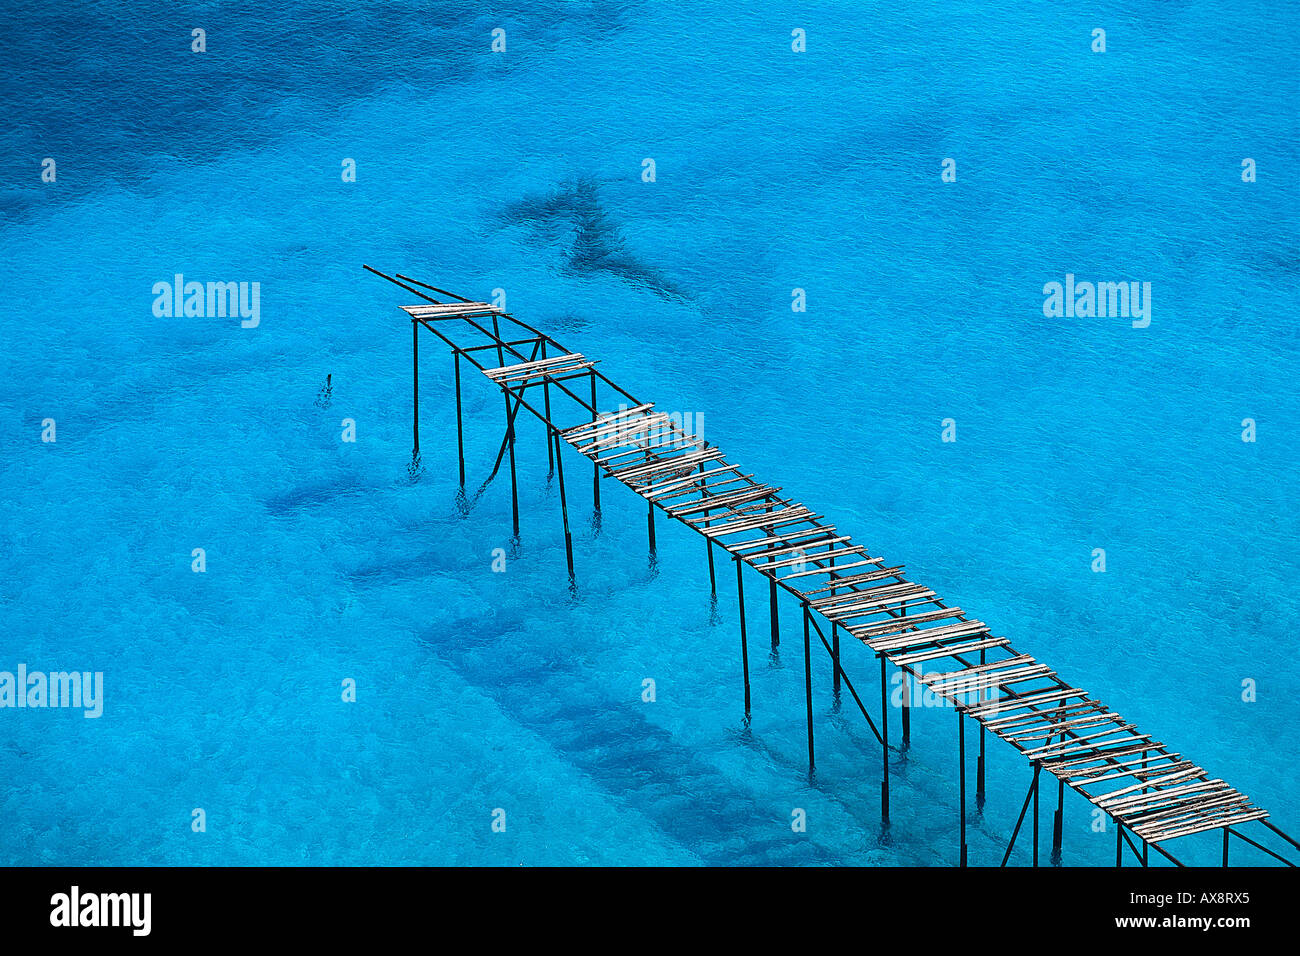 Rotto il pontile in legno vicino a Porticello, Isola di Lipari, Isole Eolie, Italia Immagini Stock